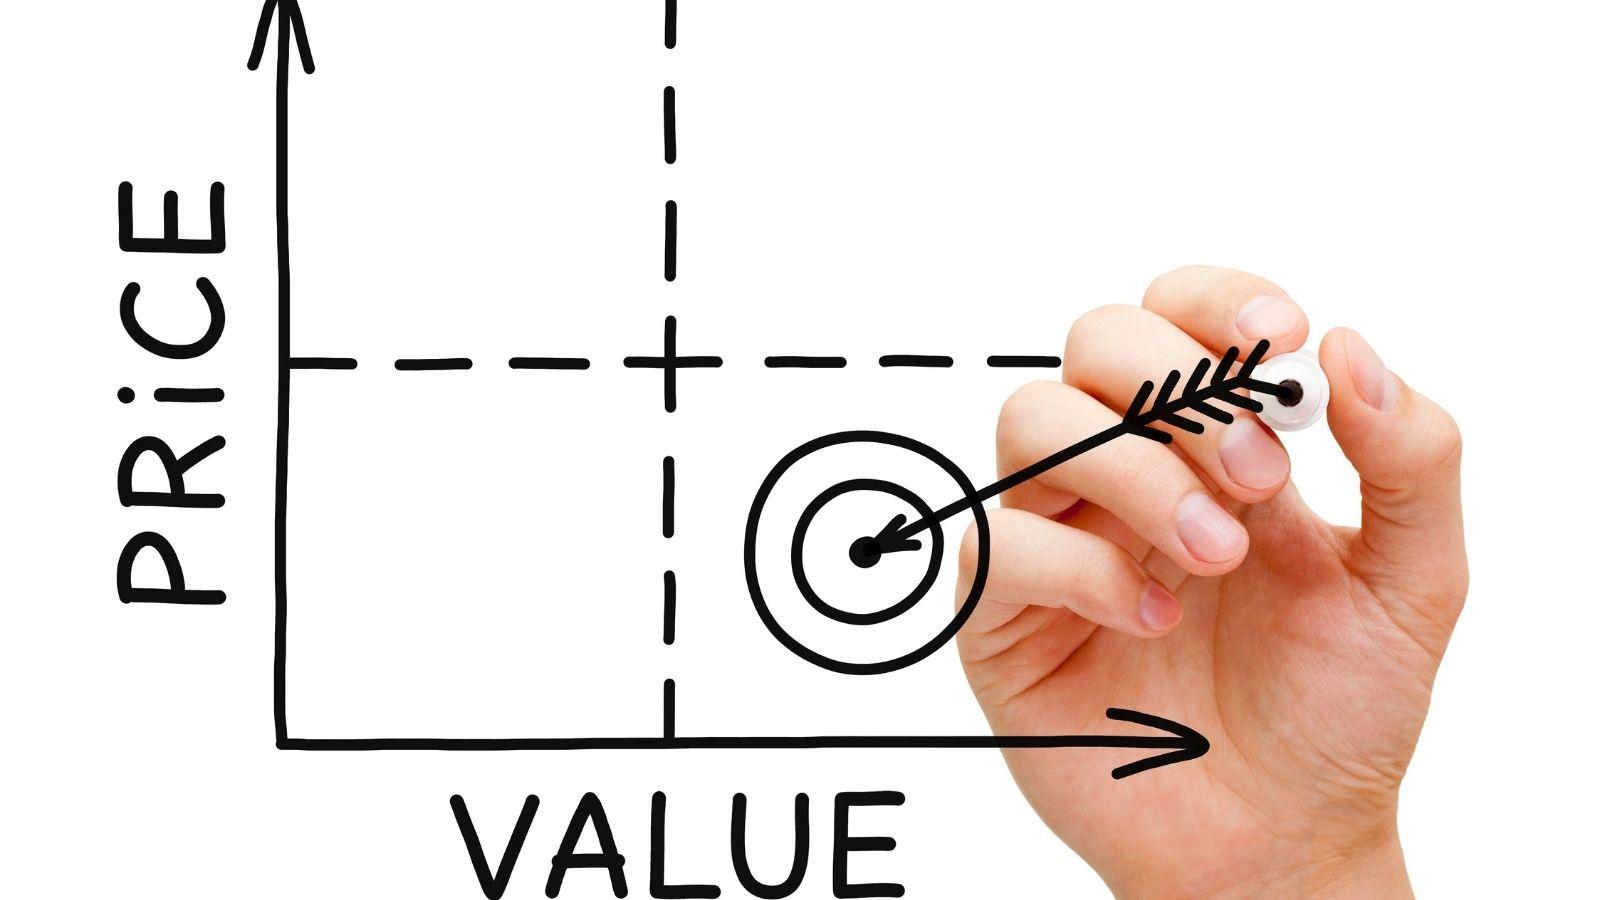 値段と価値のイメージ